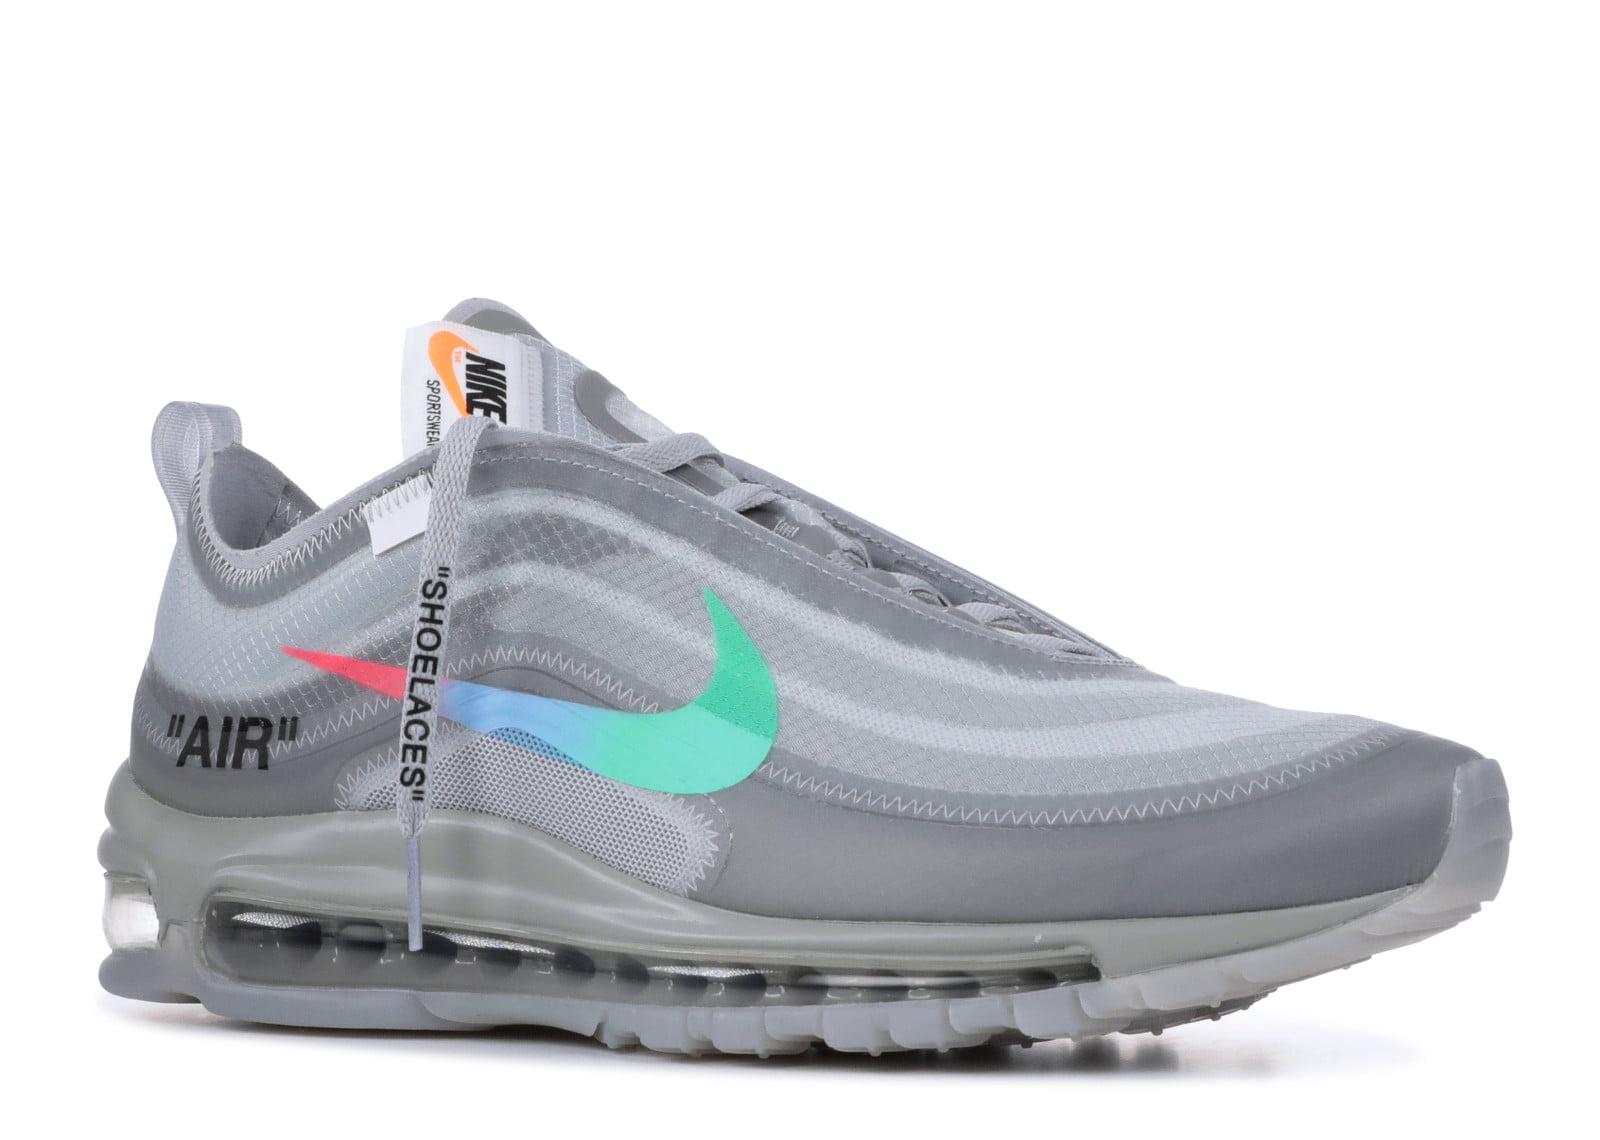 Nike Air Max 97 Og 'Off White